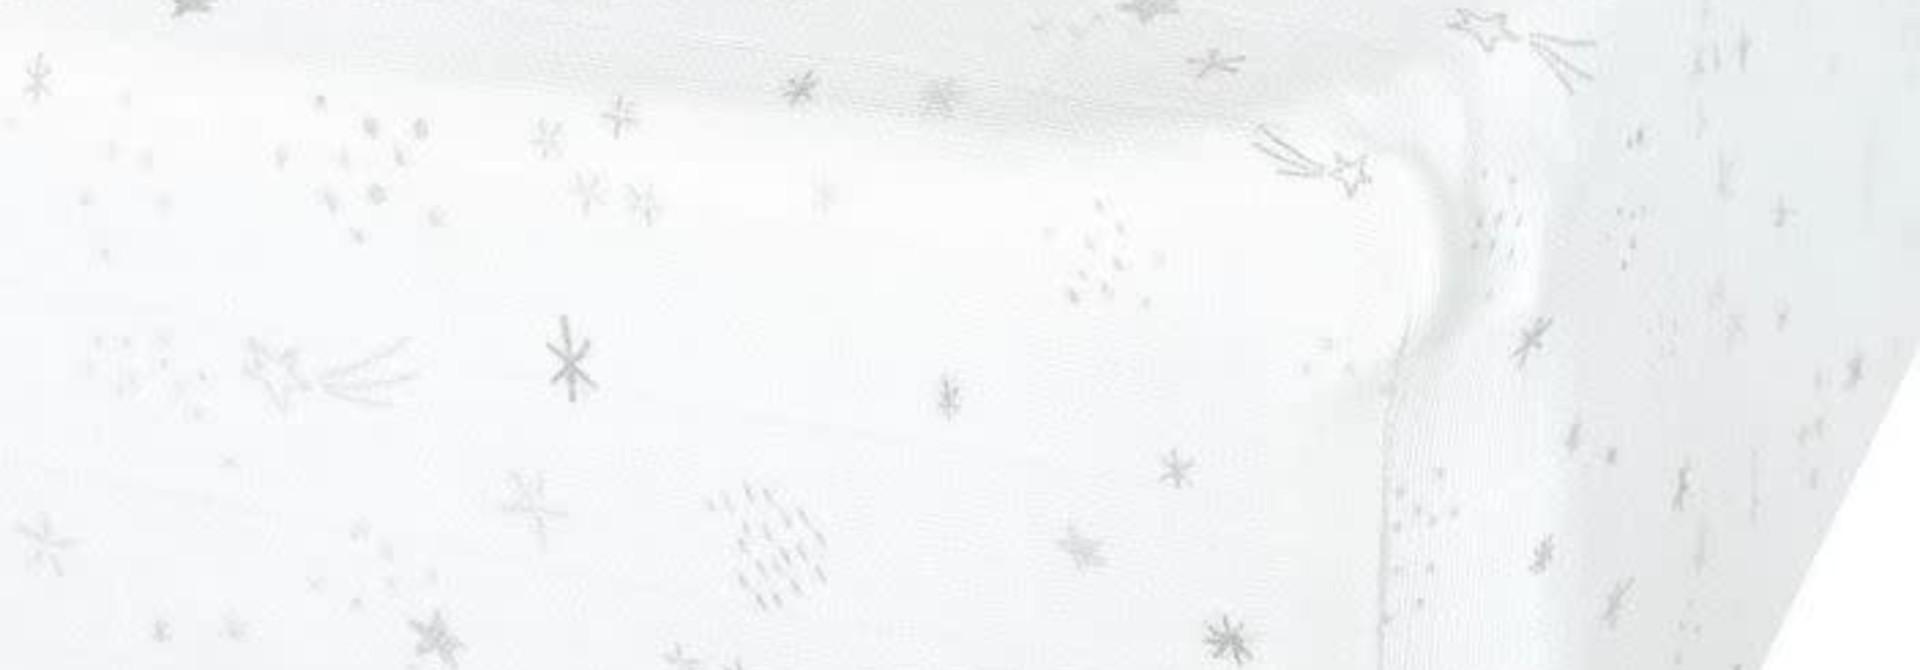 Drap contour en mousseline - Stars